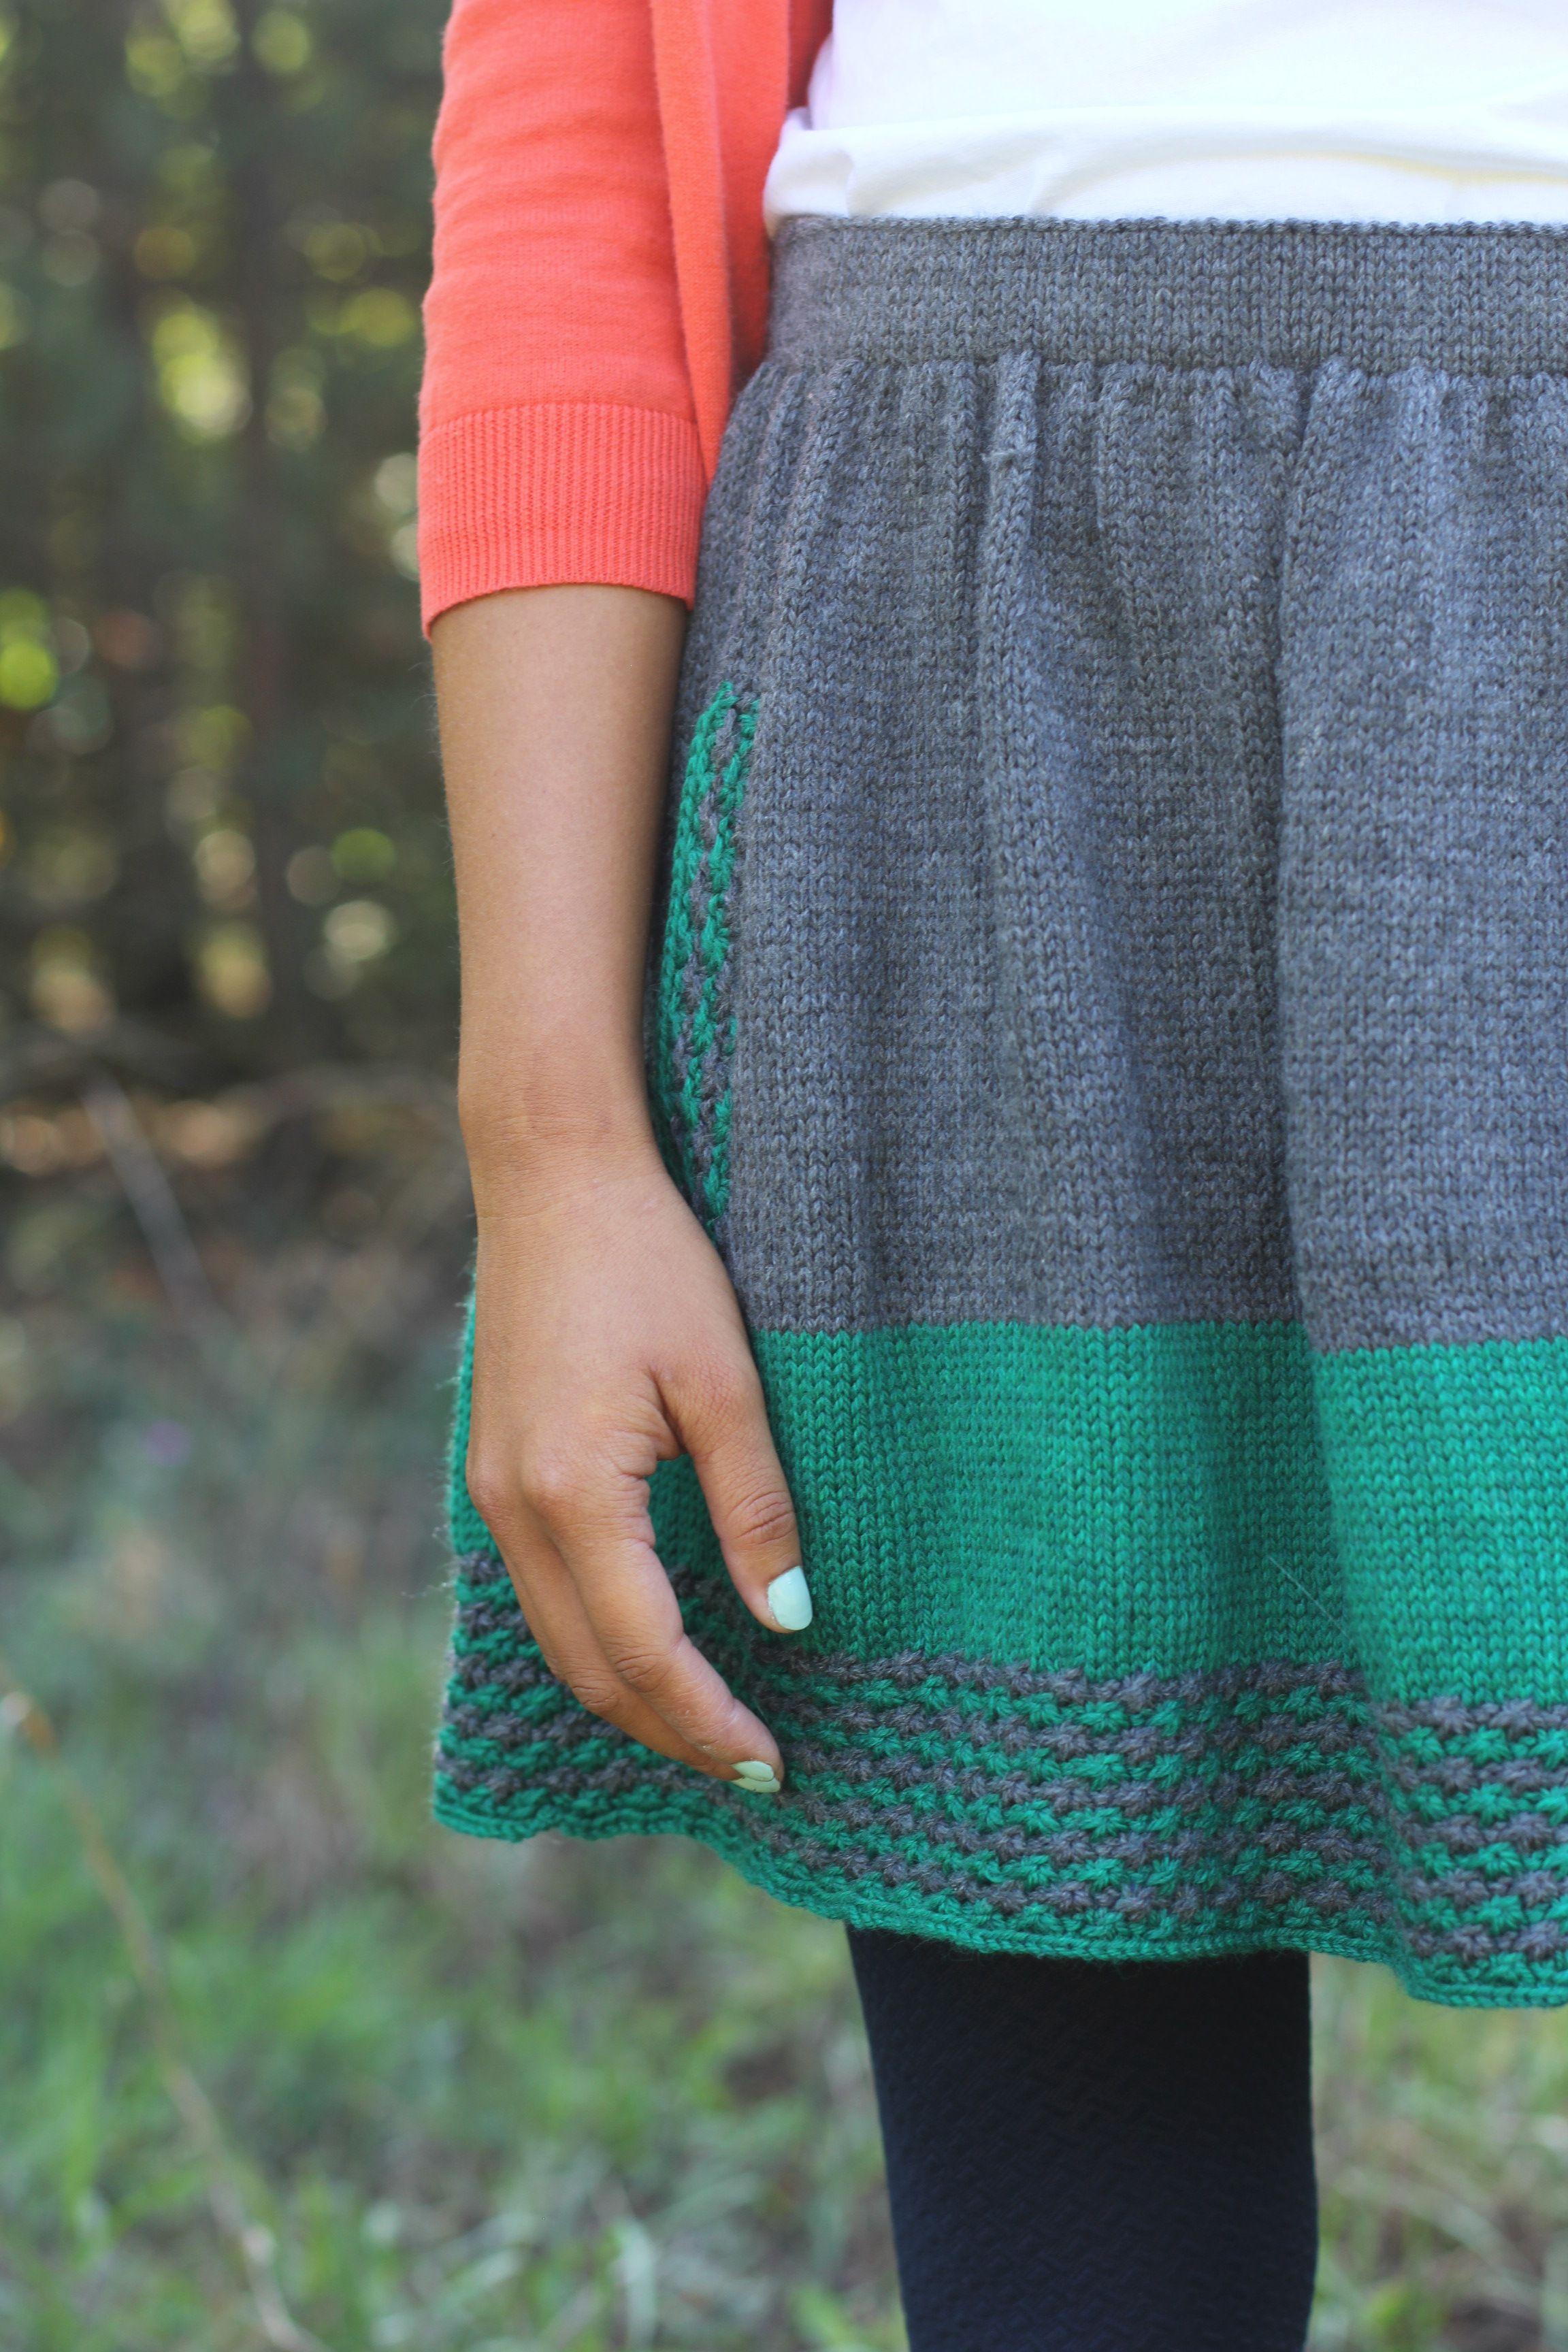 New girl knitting pattern allyson dykhuizen holla knits knit picks new girl knitting pattern allyson dykhuizen holla knits knit picks stroll sport9 free pattern skirt alert bankloansurffo Images